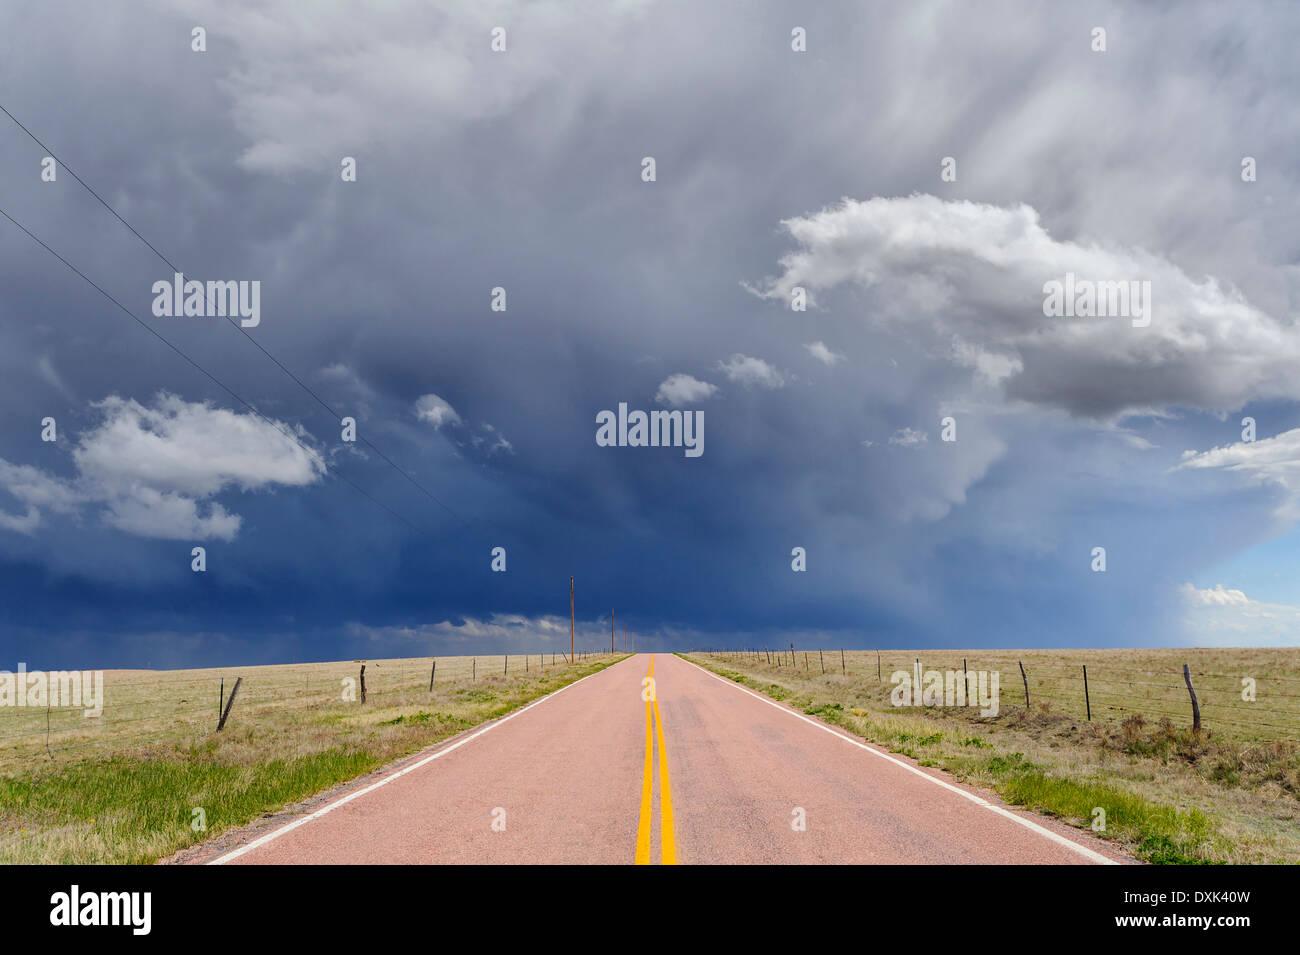 Gewitterwolken über Landstraße, Rush, Colorado, Vereinigte Staaten von Amerika Stockfoto